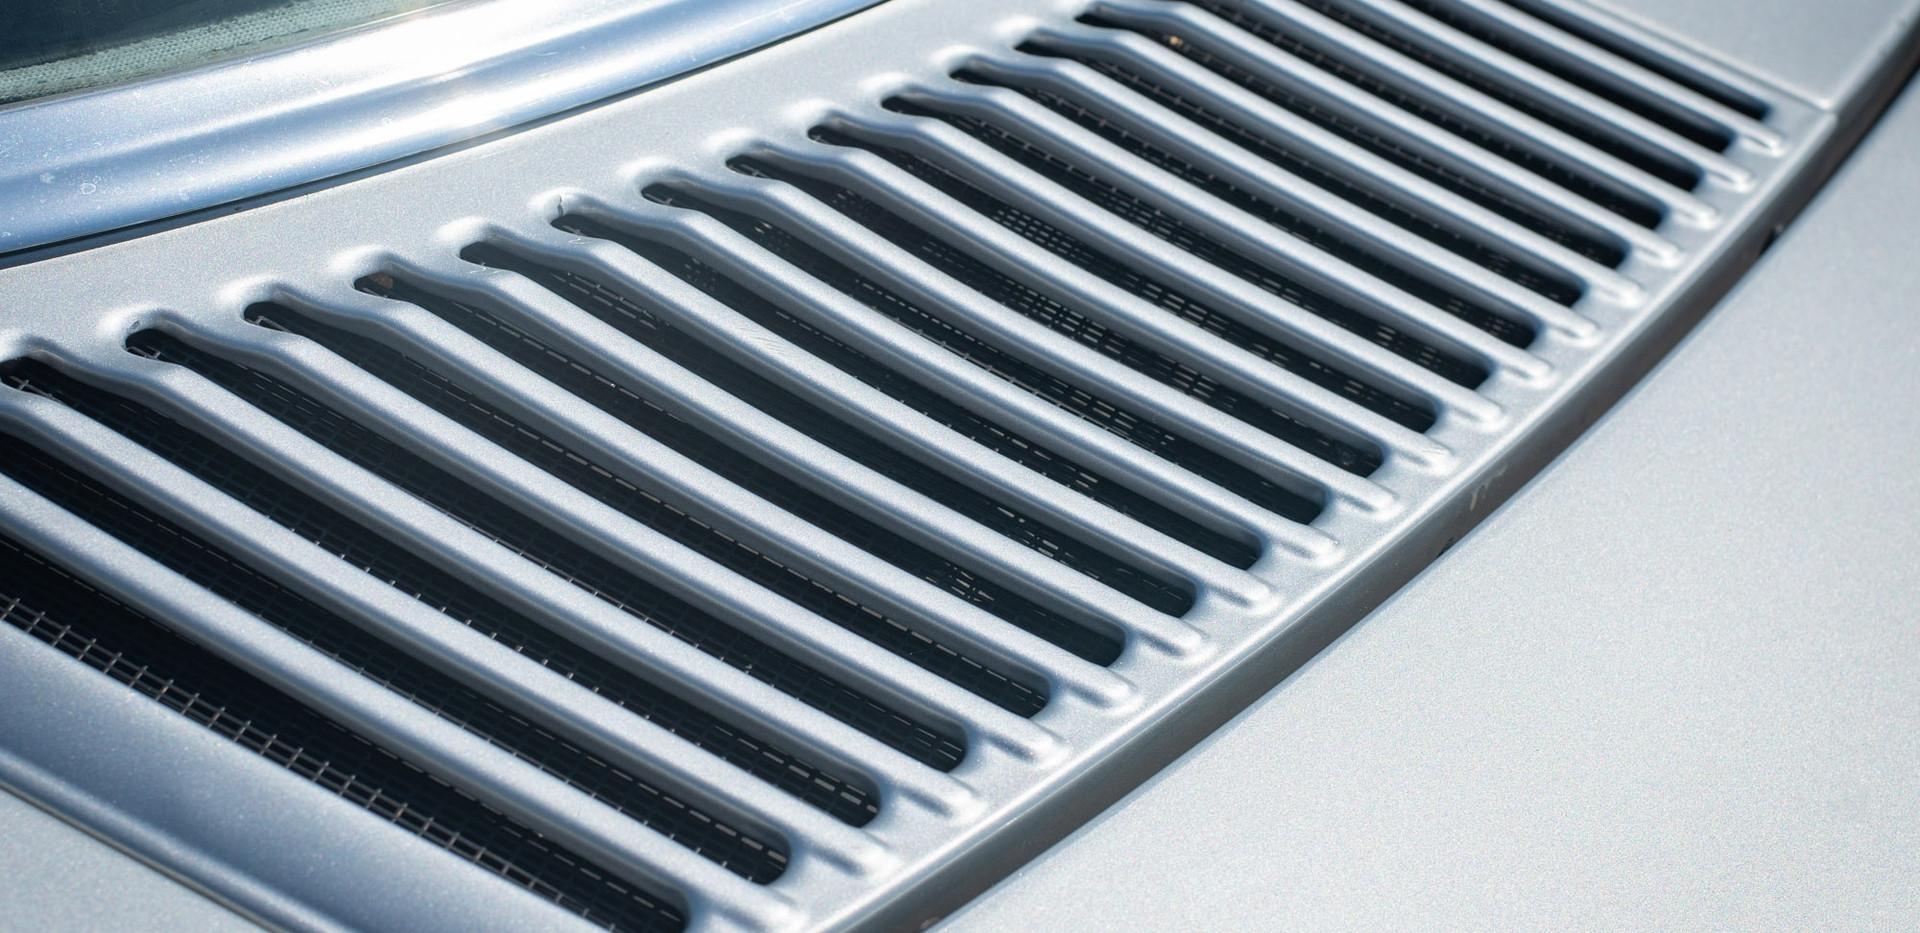 R107 300SL Silver C272 RBV-27.jpg